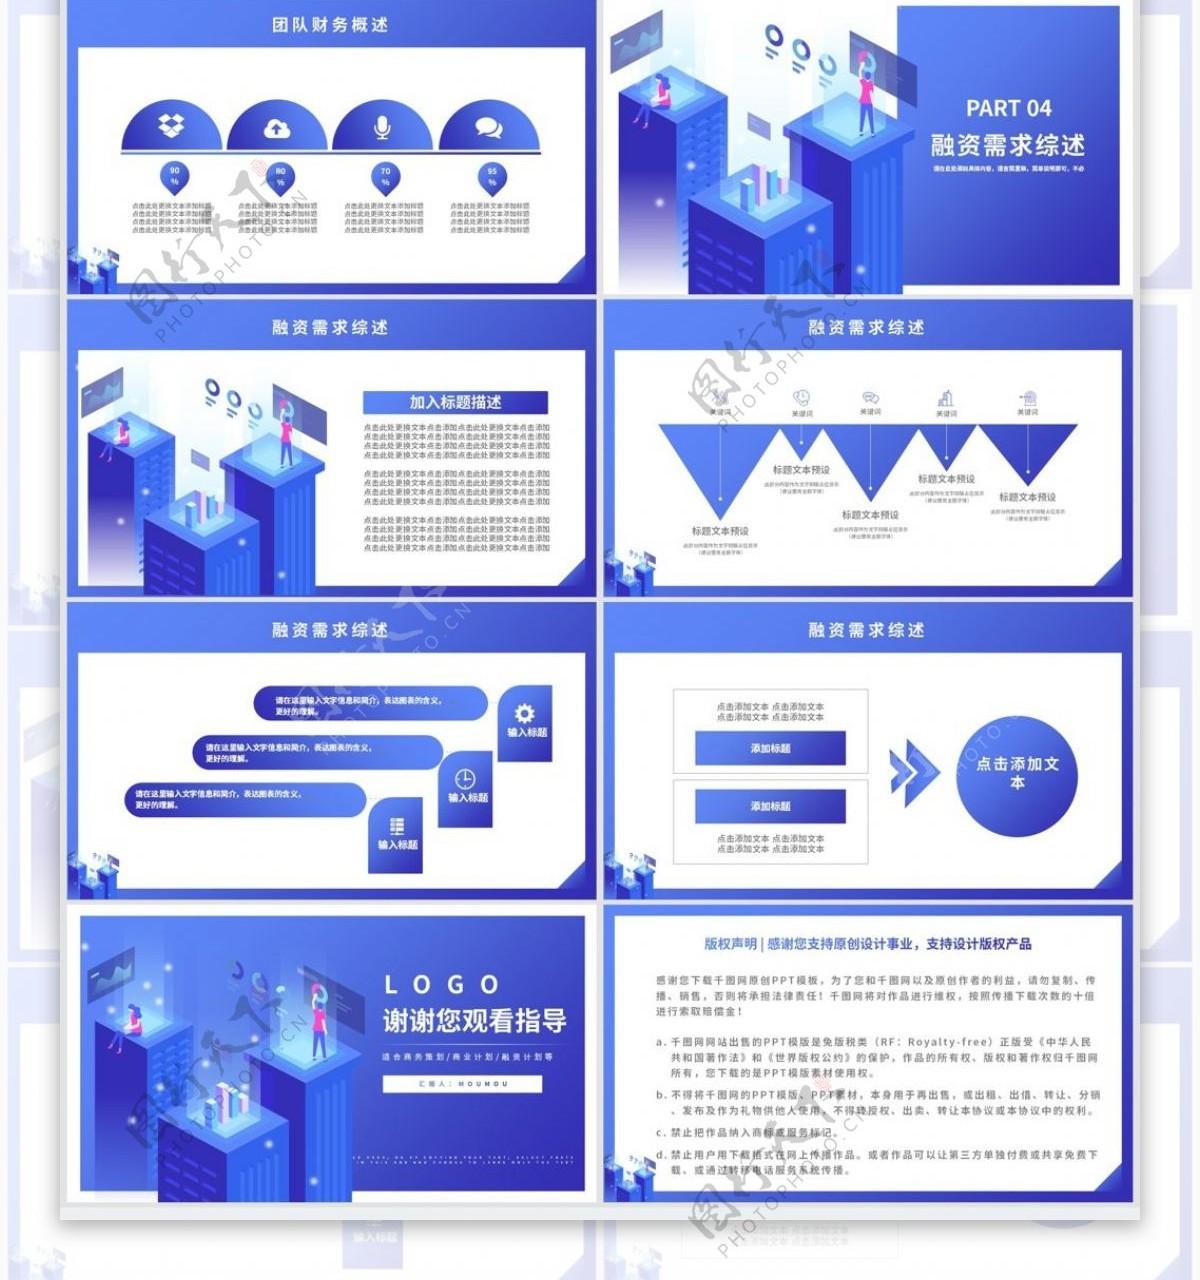 蓝色2.5D风格商务合作计划书PPT模板